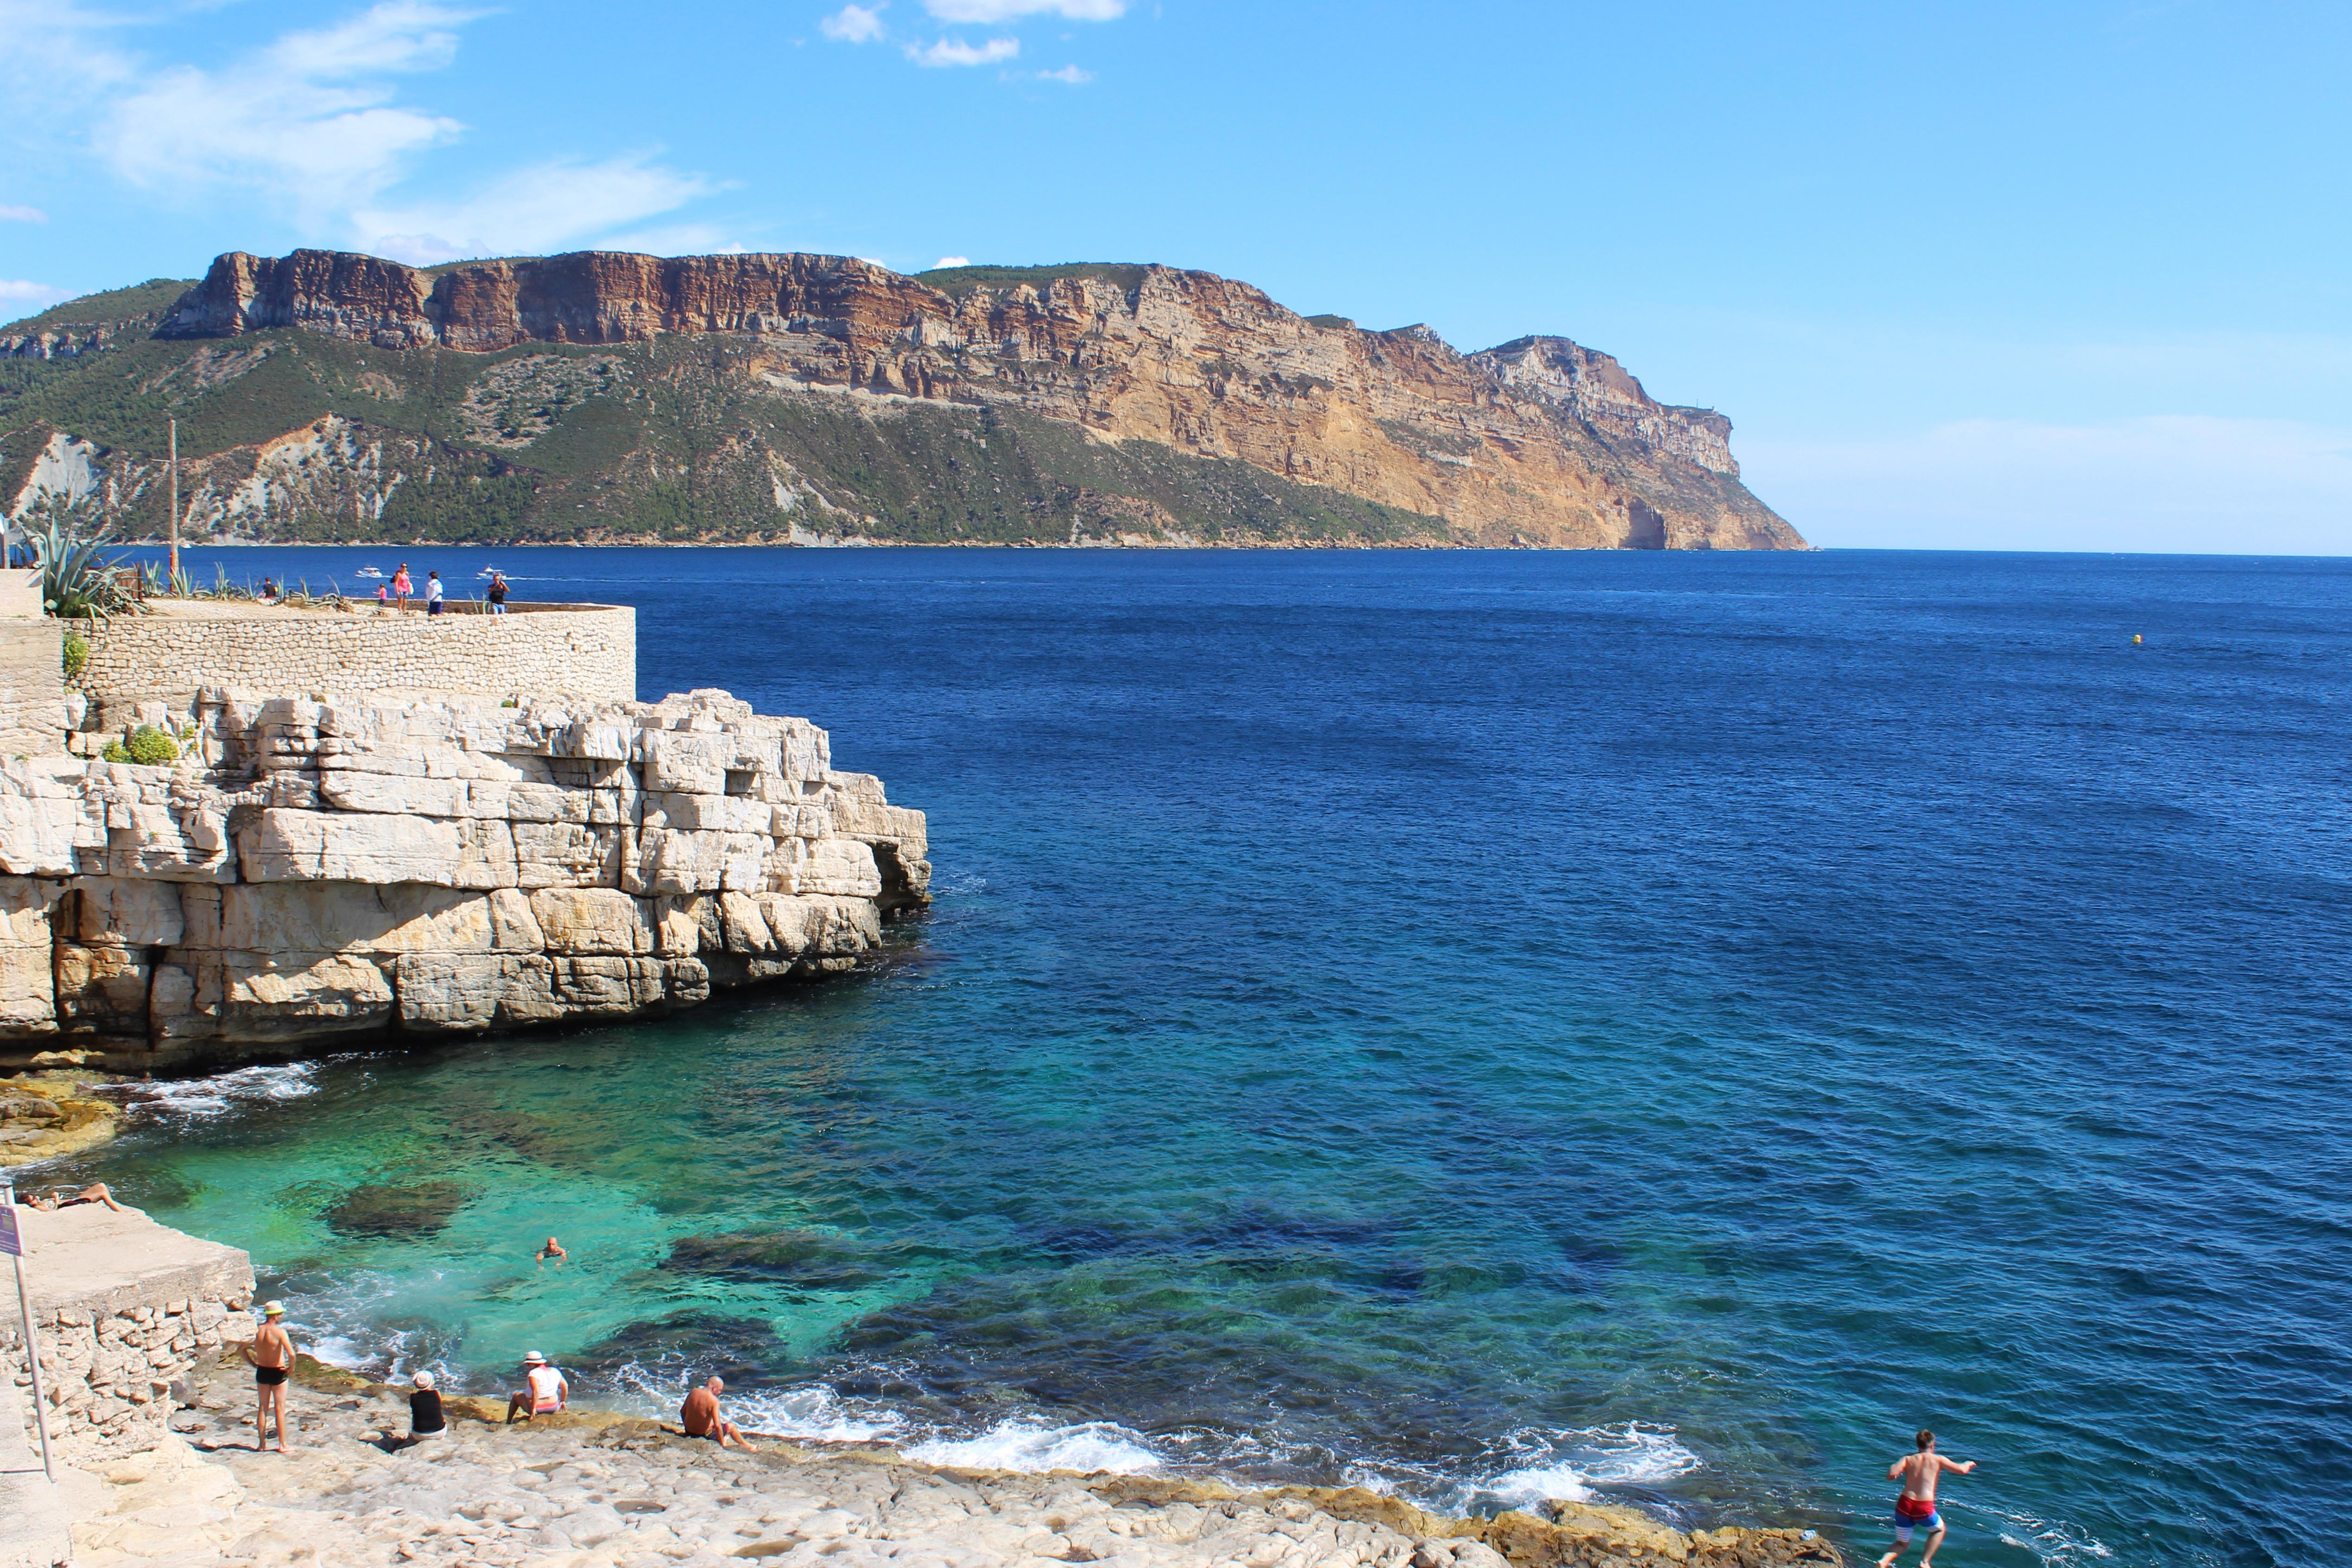 Cassis – kalkkikivisiä kallioita ja turkoosia vettä – Matkapatonki –  Reissublogi ac1bbdd892